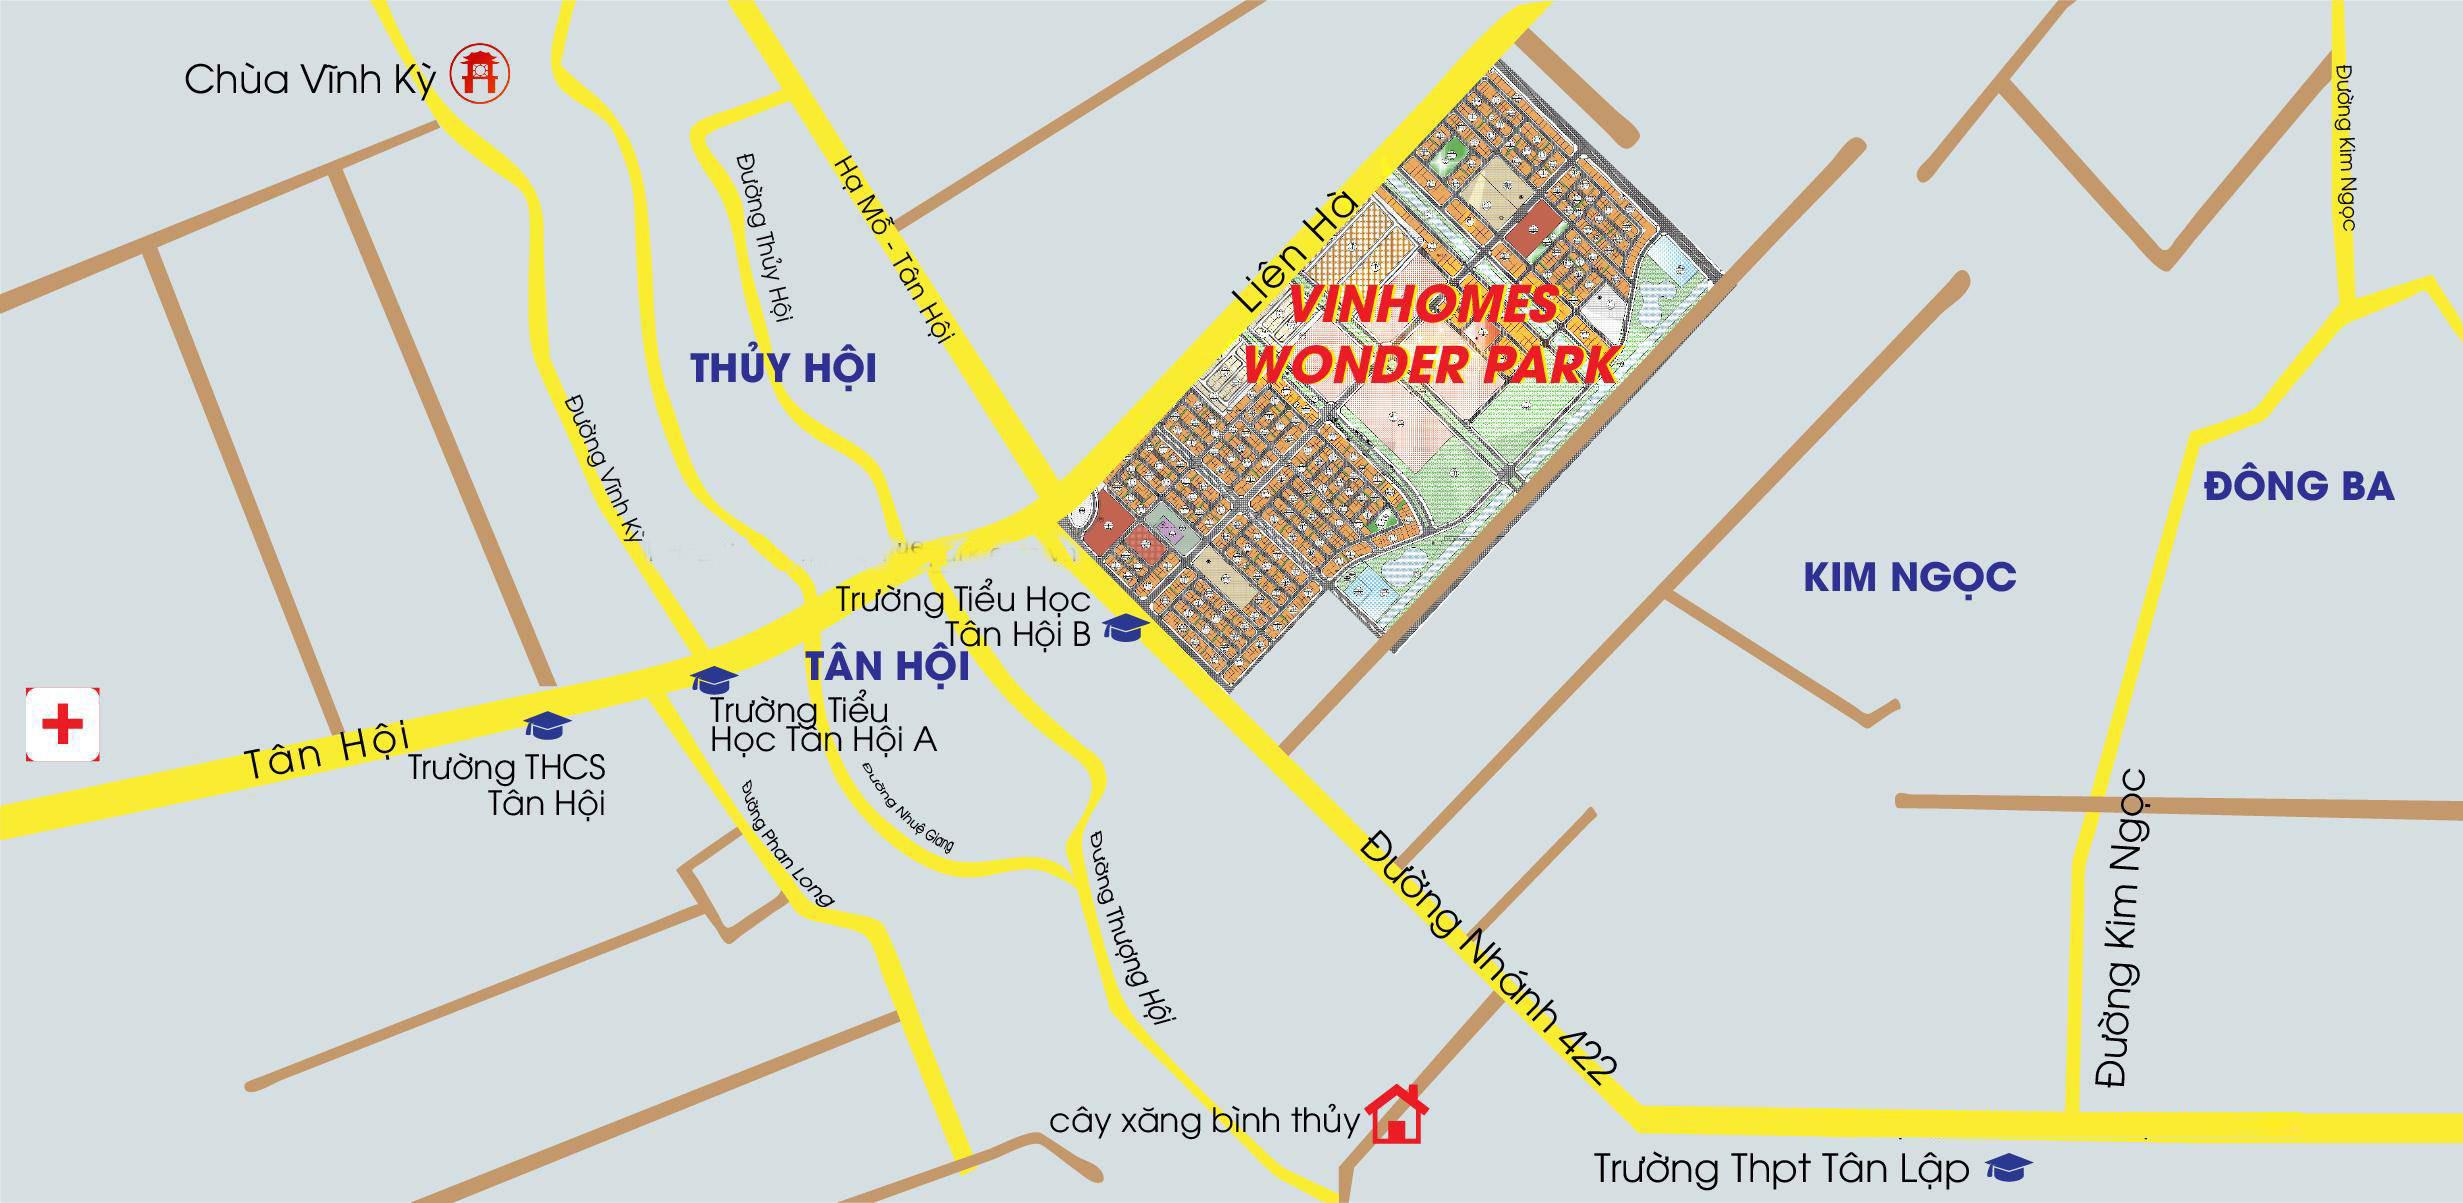 Vị Trí Dự Án Vinhomes Wonder Park